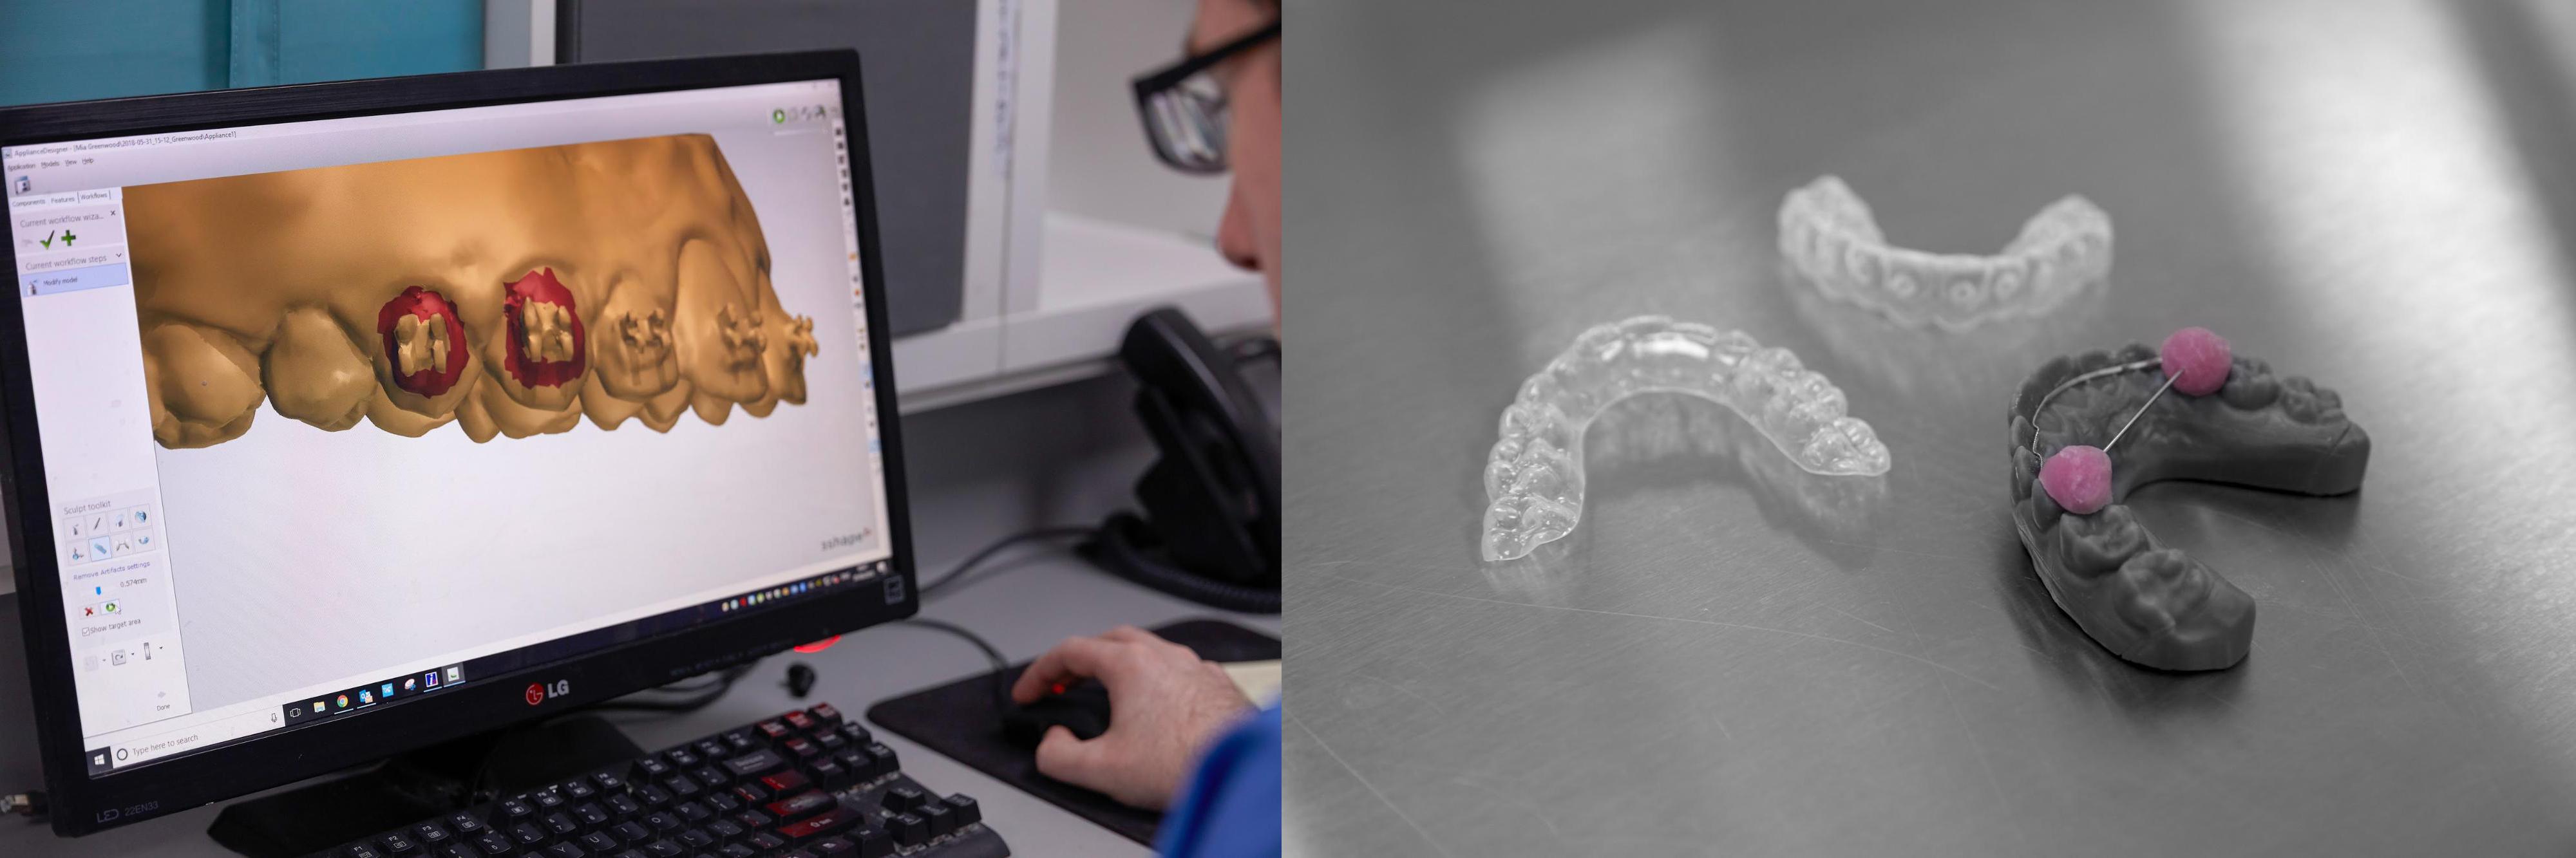 procédures de production numériques en odontologie : logiciel de CAO et modèles imprimés en 3D sur la Form 2 SLA.